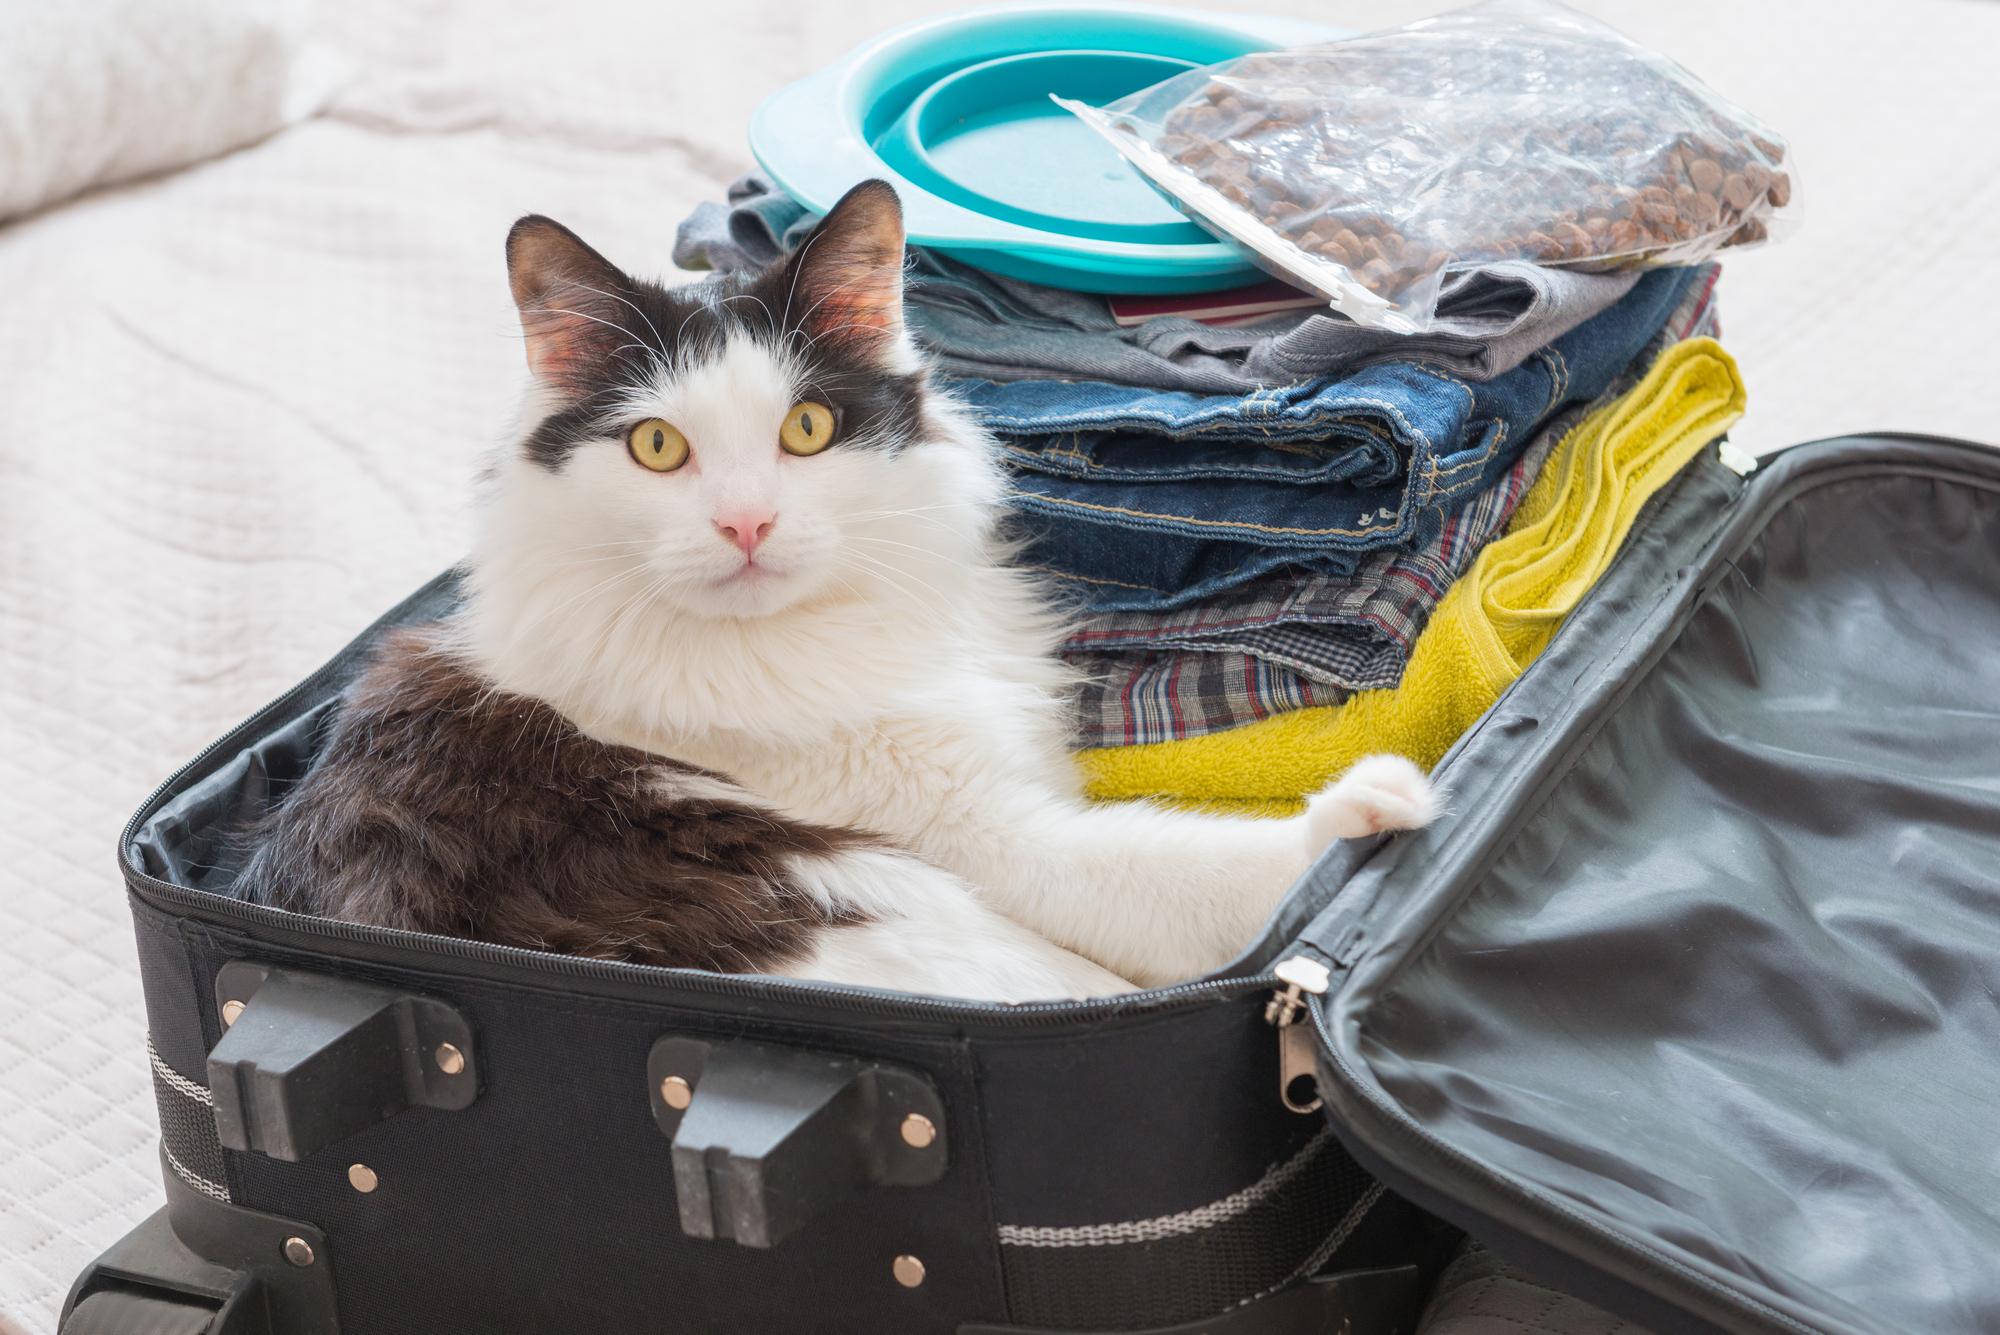 トランクケースに入る猫